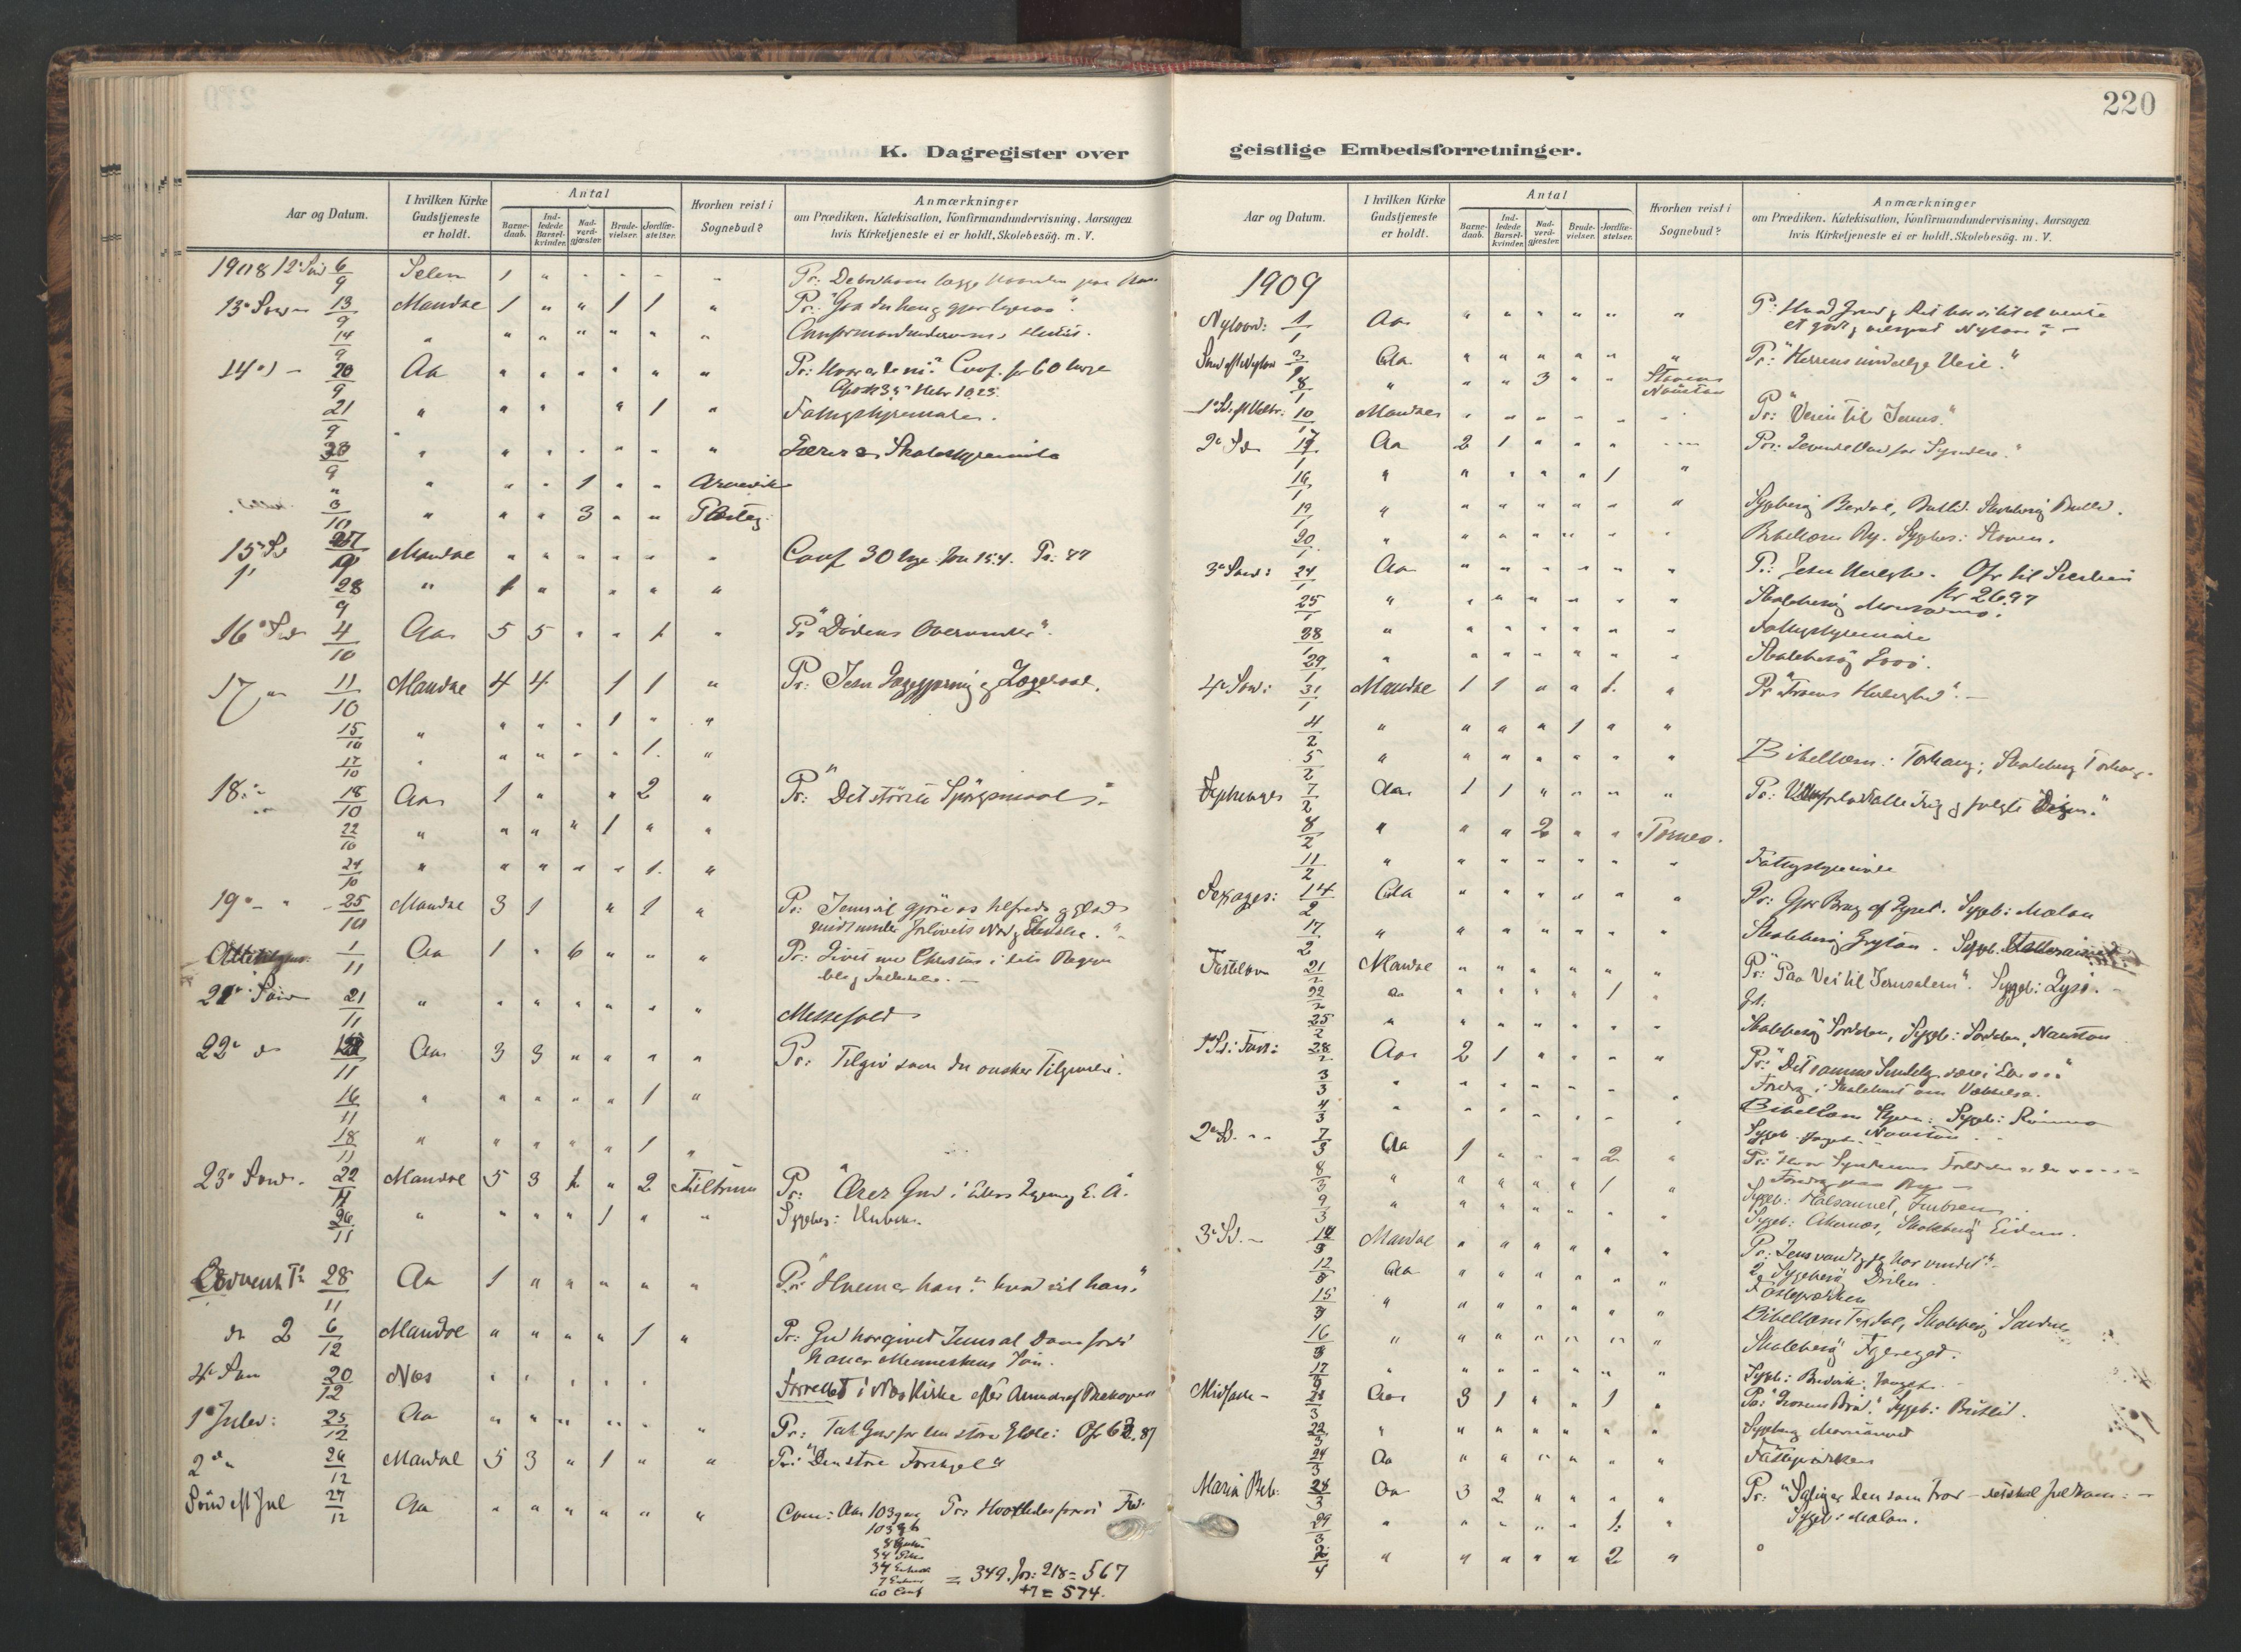 SAT, Ministerialprotokoller, klokkerbøker og fødselsregistre - Sør-Trøndelag, 655/L0682: Ministerialbok nr. 655A11, 1908-1922, s. 220